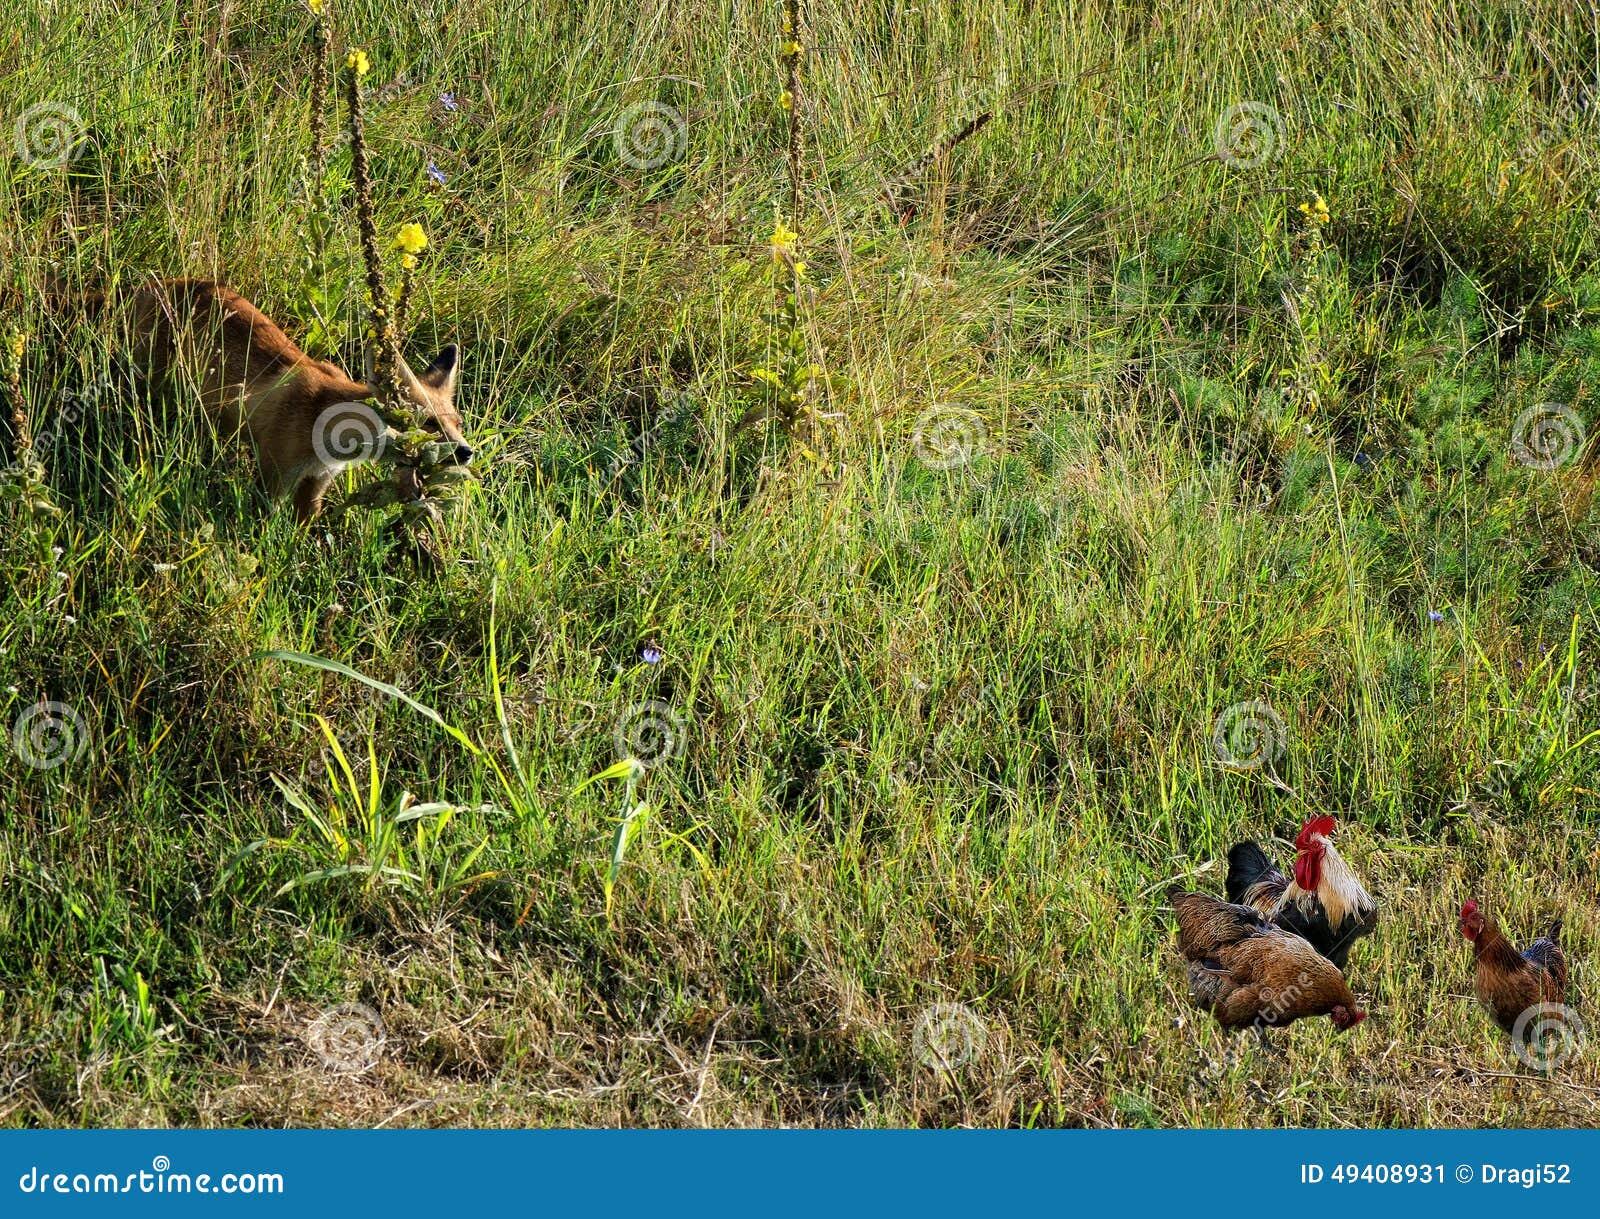 Download Der Fuchs Betrachtet Die Hühner Stockbild - Bild von fuchs, tier: 49408931